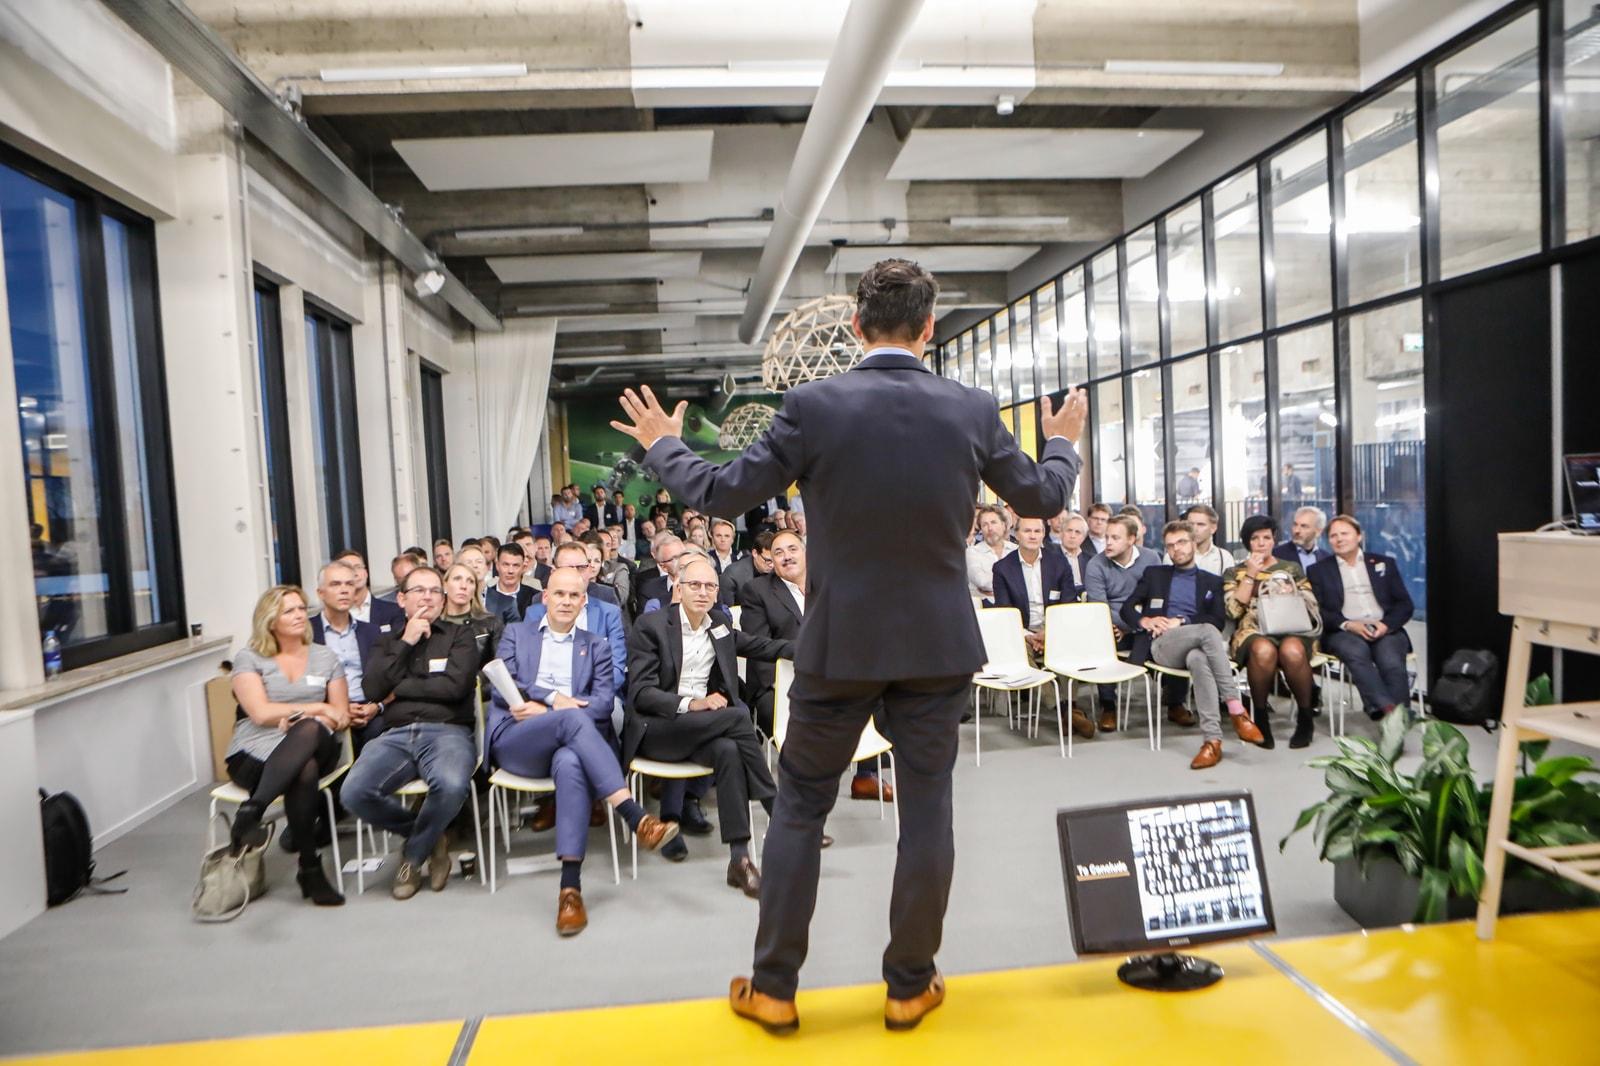 Countdown partner Innovadis organiseerde het Smart Industry event